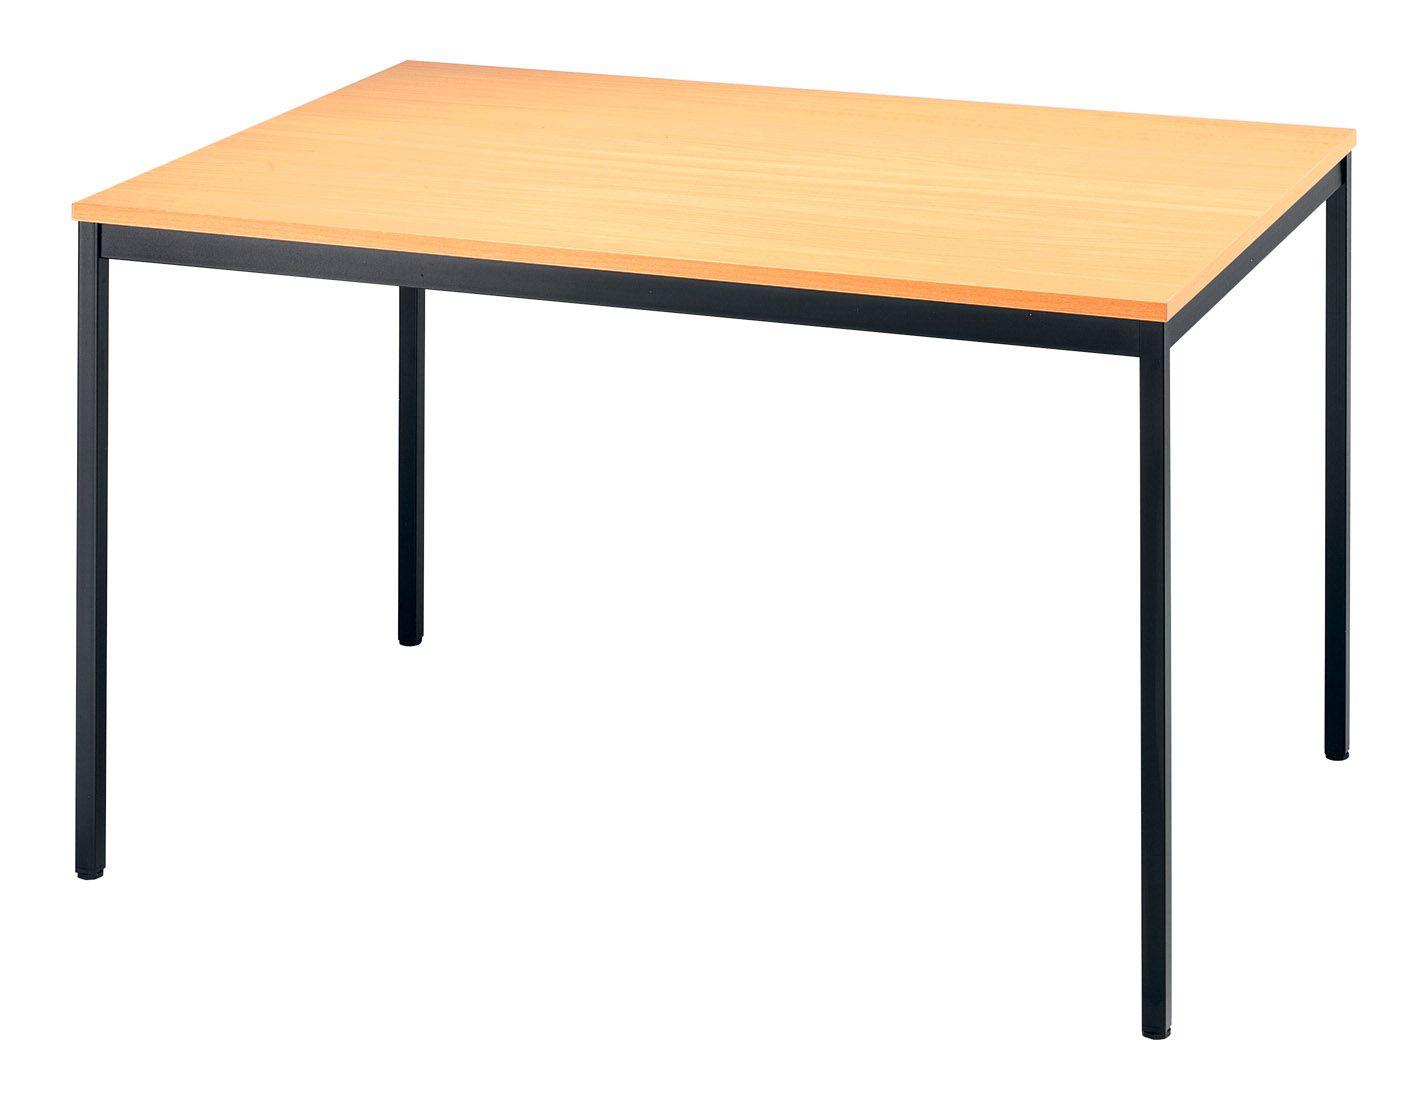 Büromöbel preiswert und schnell - Hammerbacher V Konferenztisch